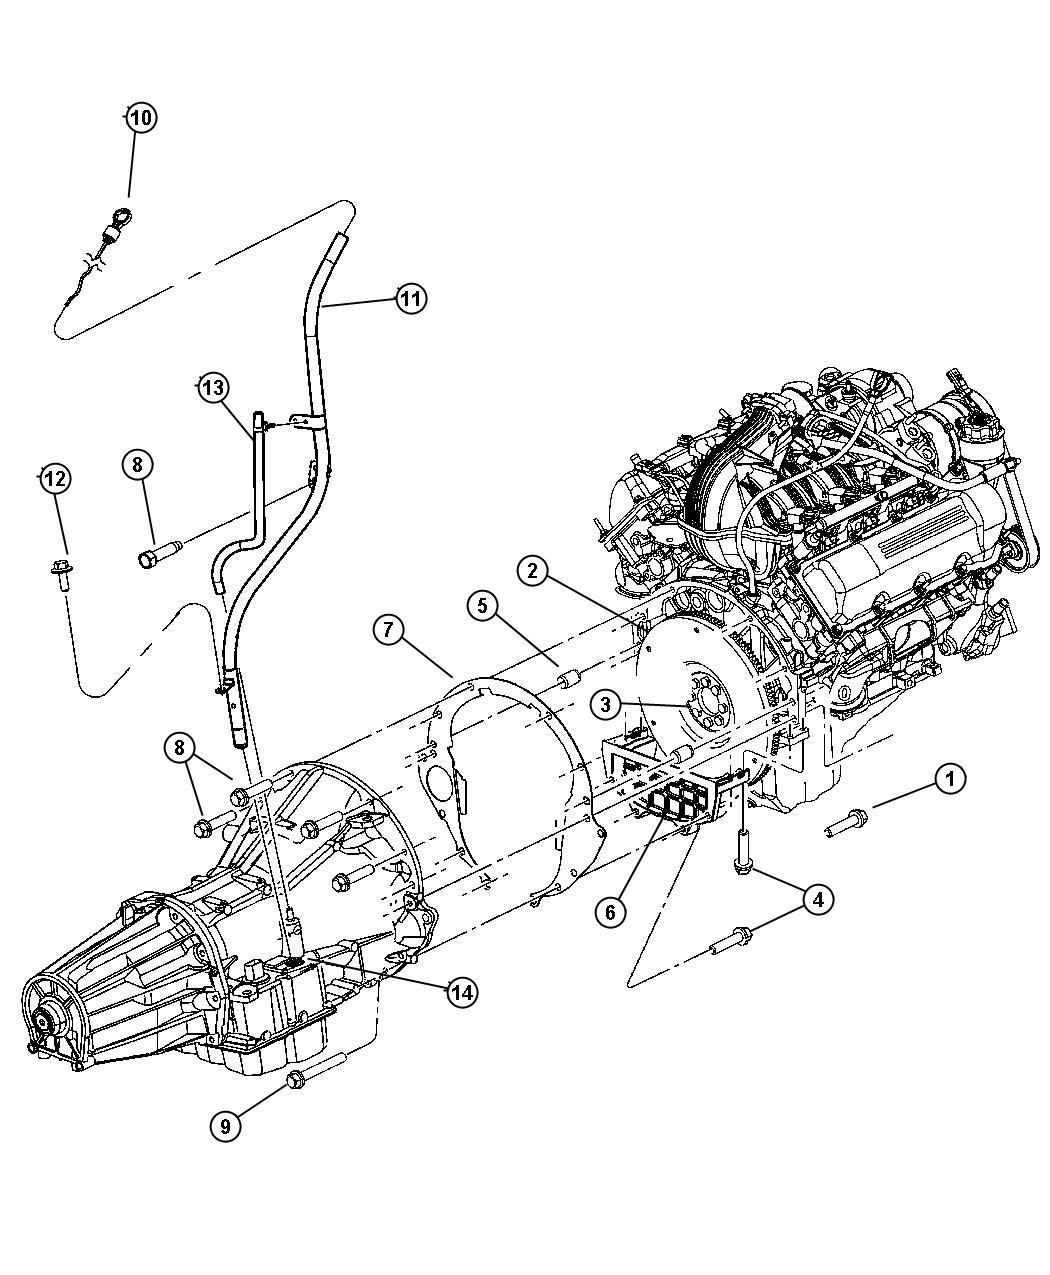 2003 range rover suspension diagram